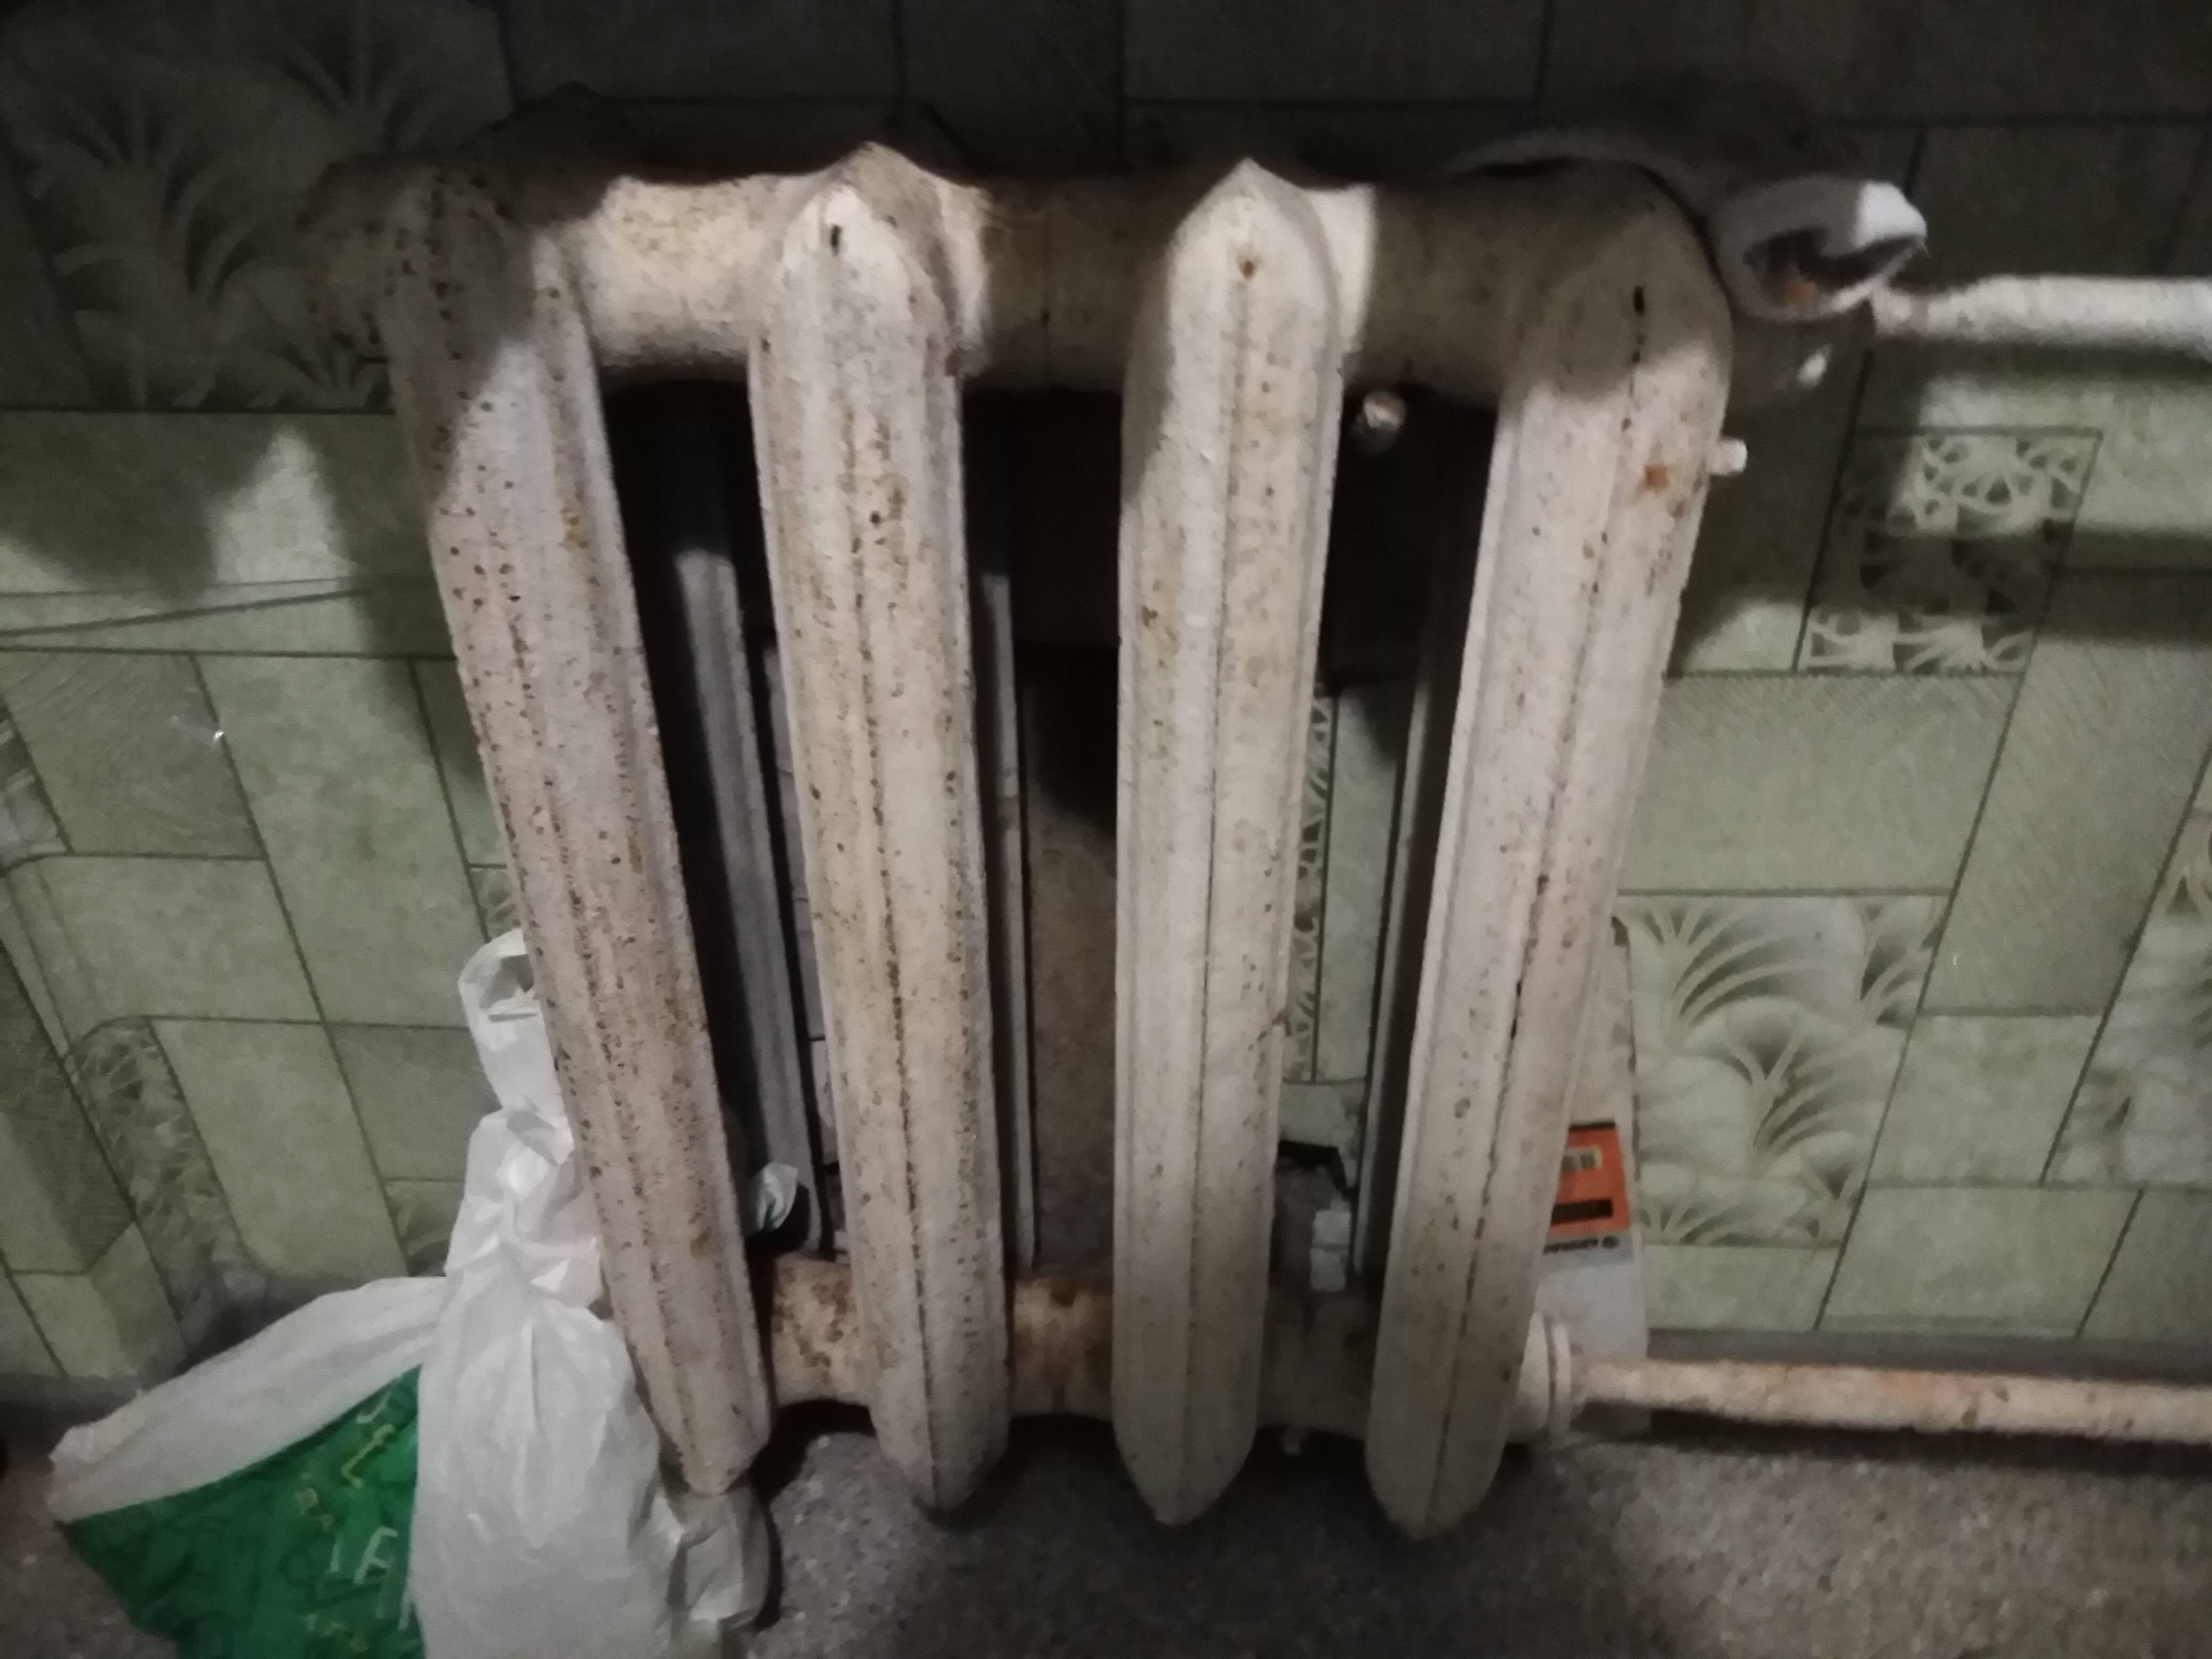 Замена чугунных батарей отопления: какие радиаторы выбрать, монтаж